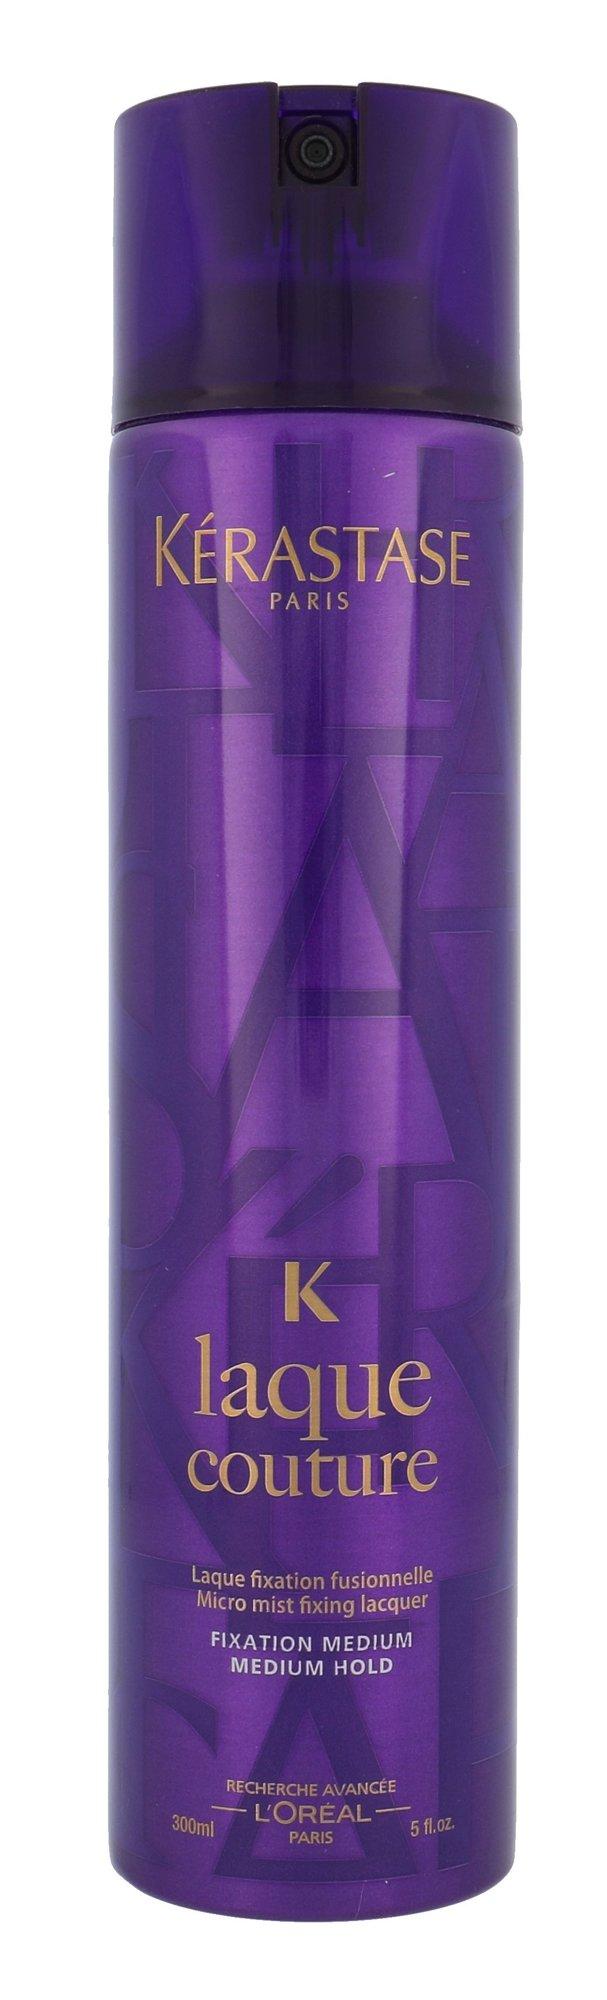 Kérastase K Laque Couture Hair Spray 300ml